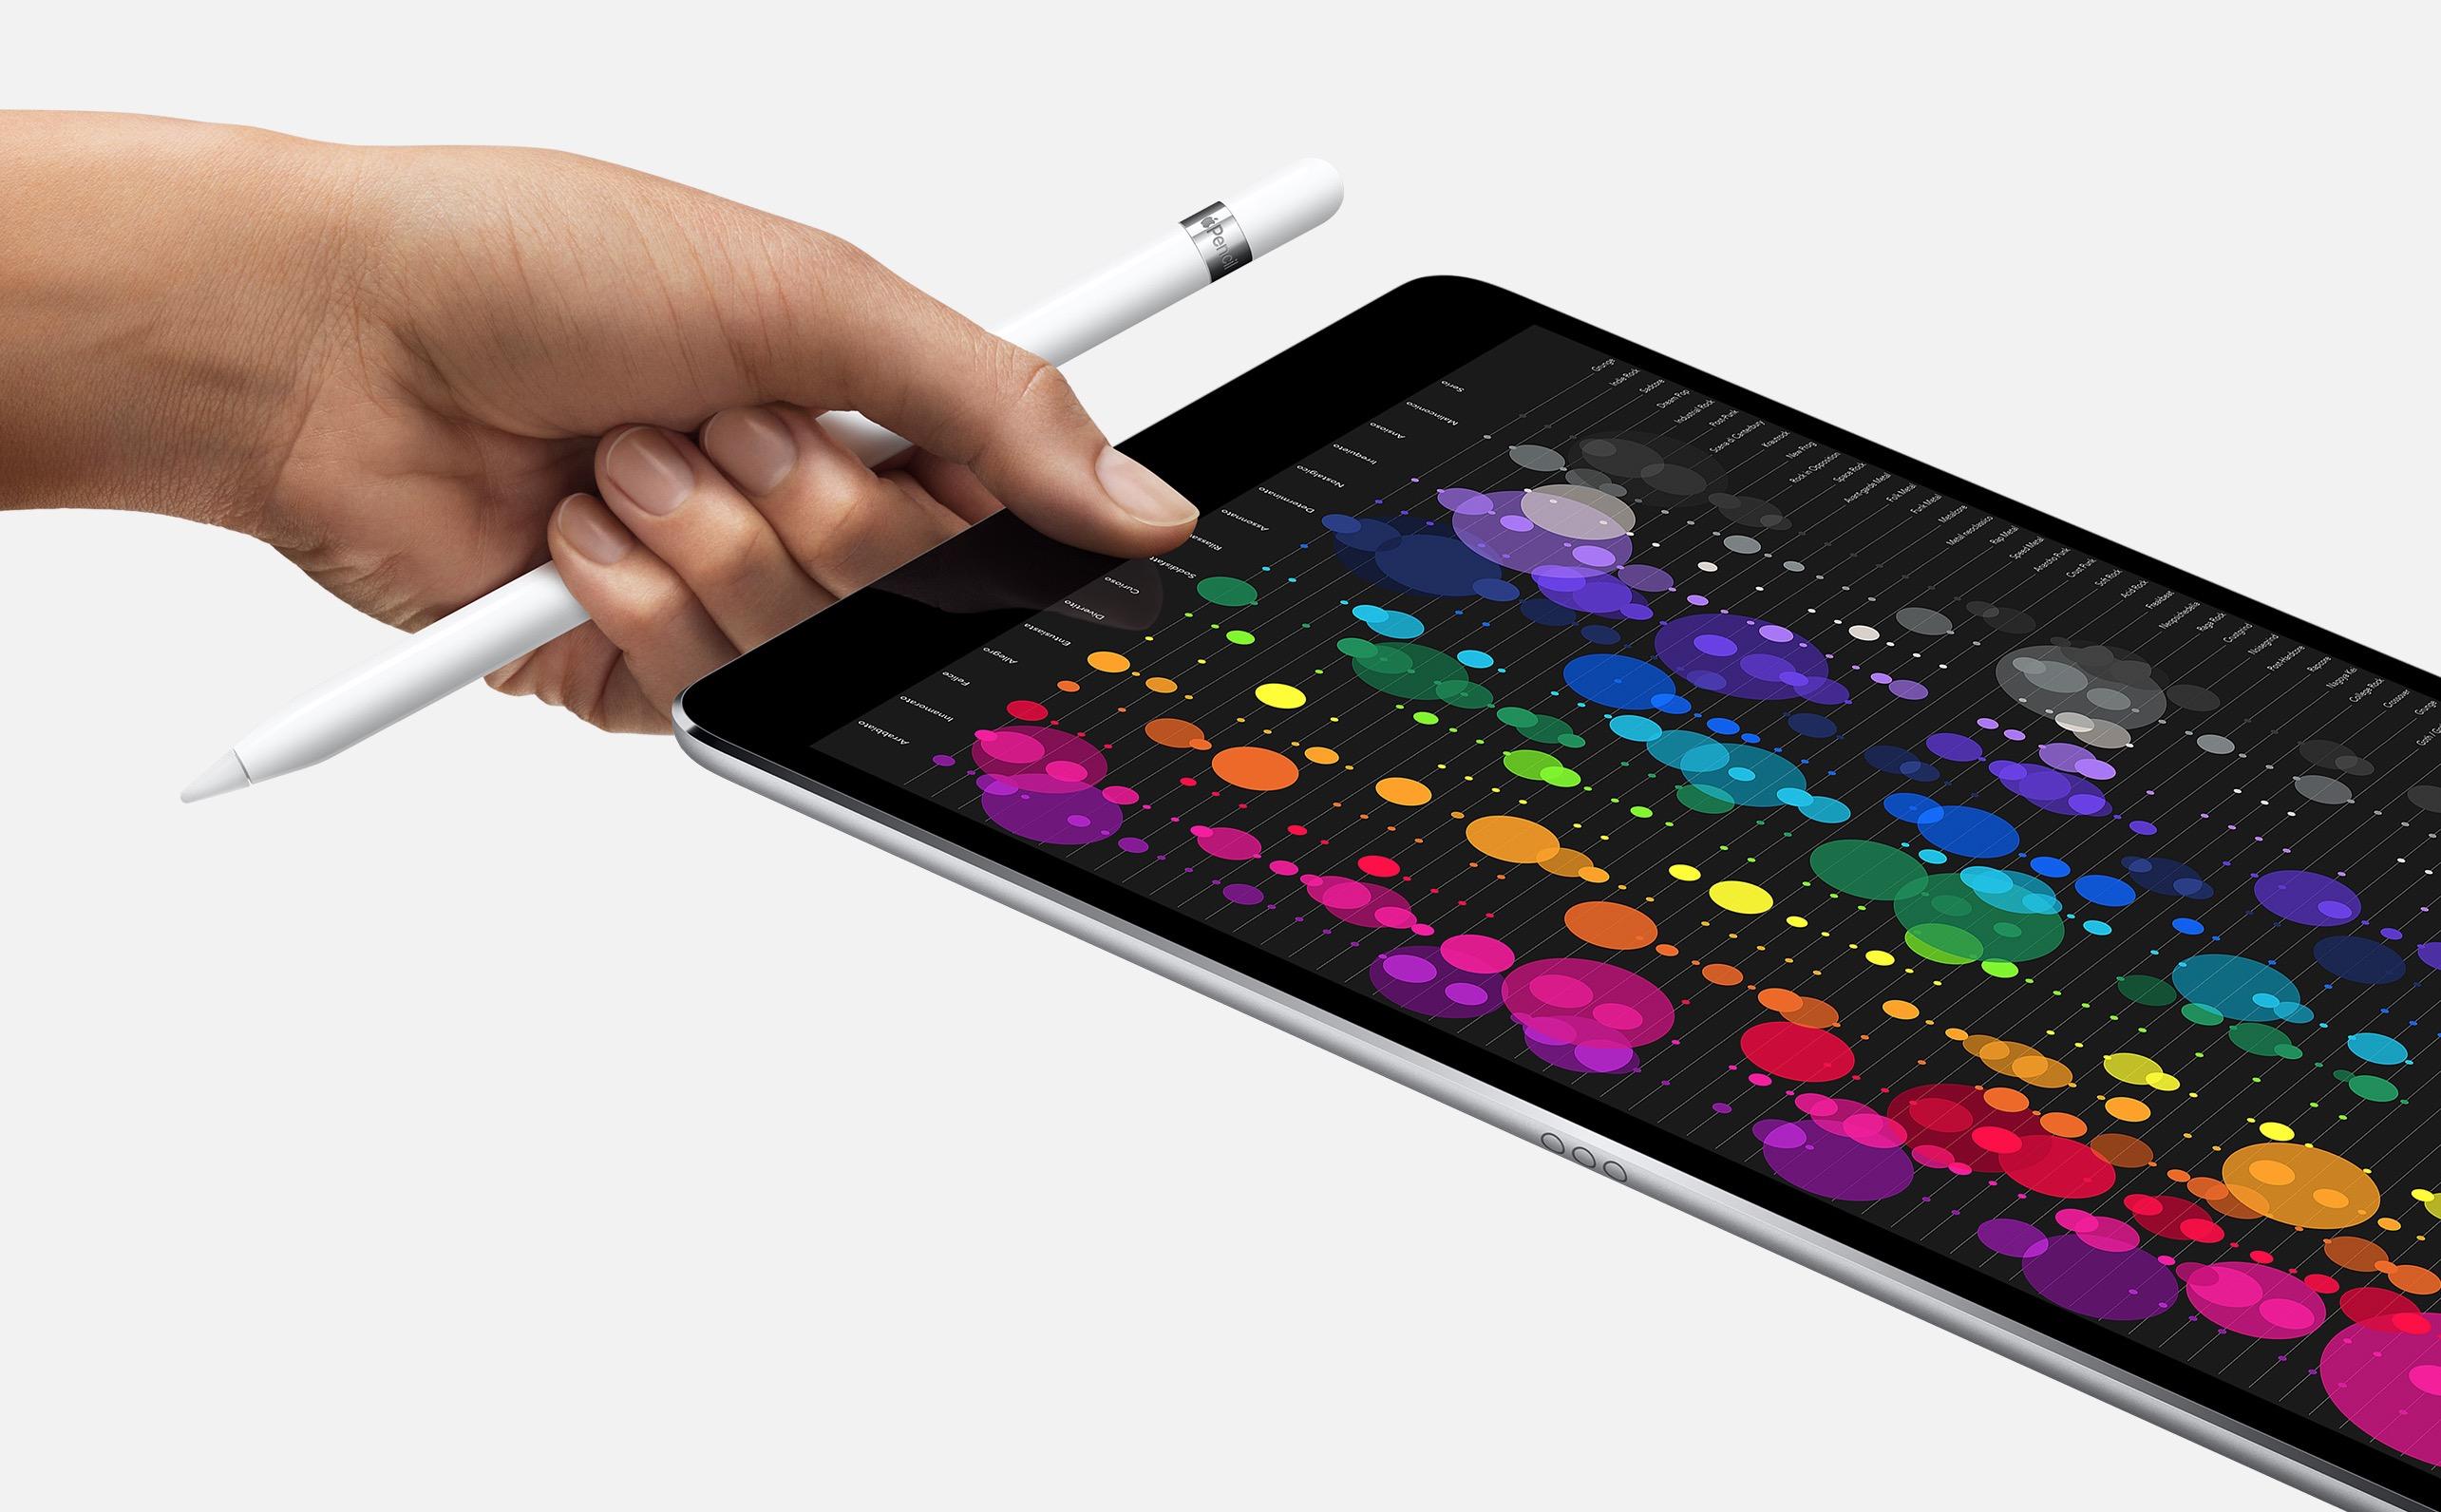 iPad Pro 10.5 specifiche tecniche